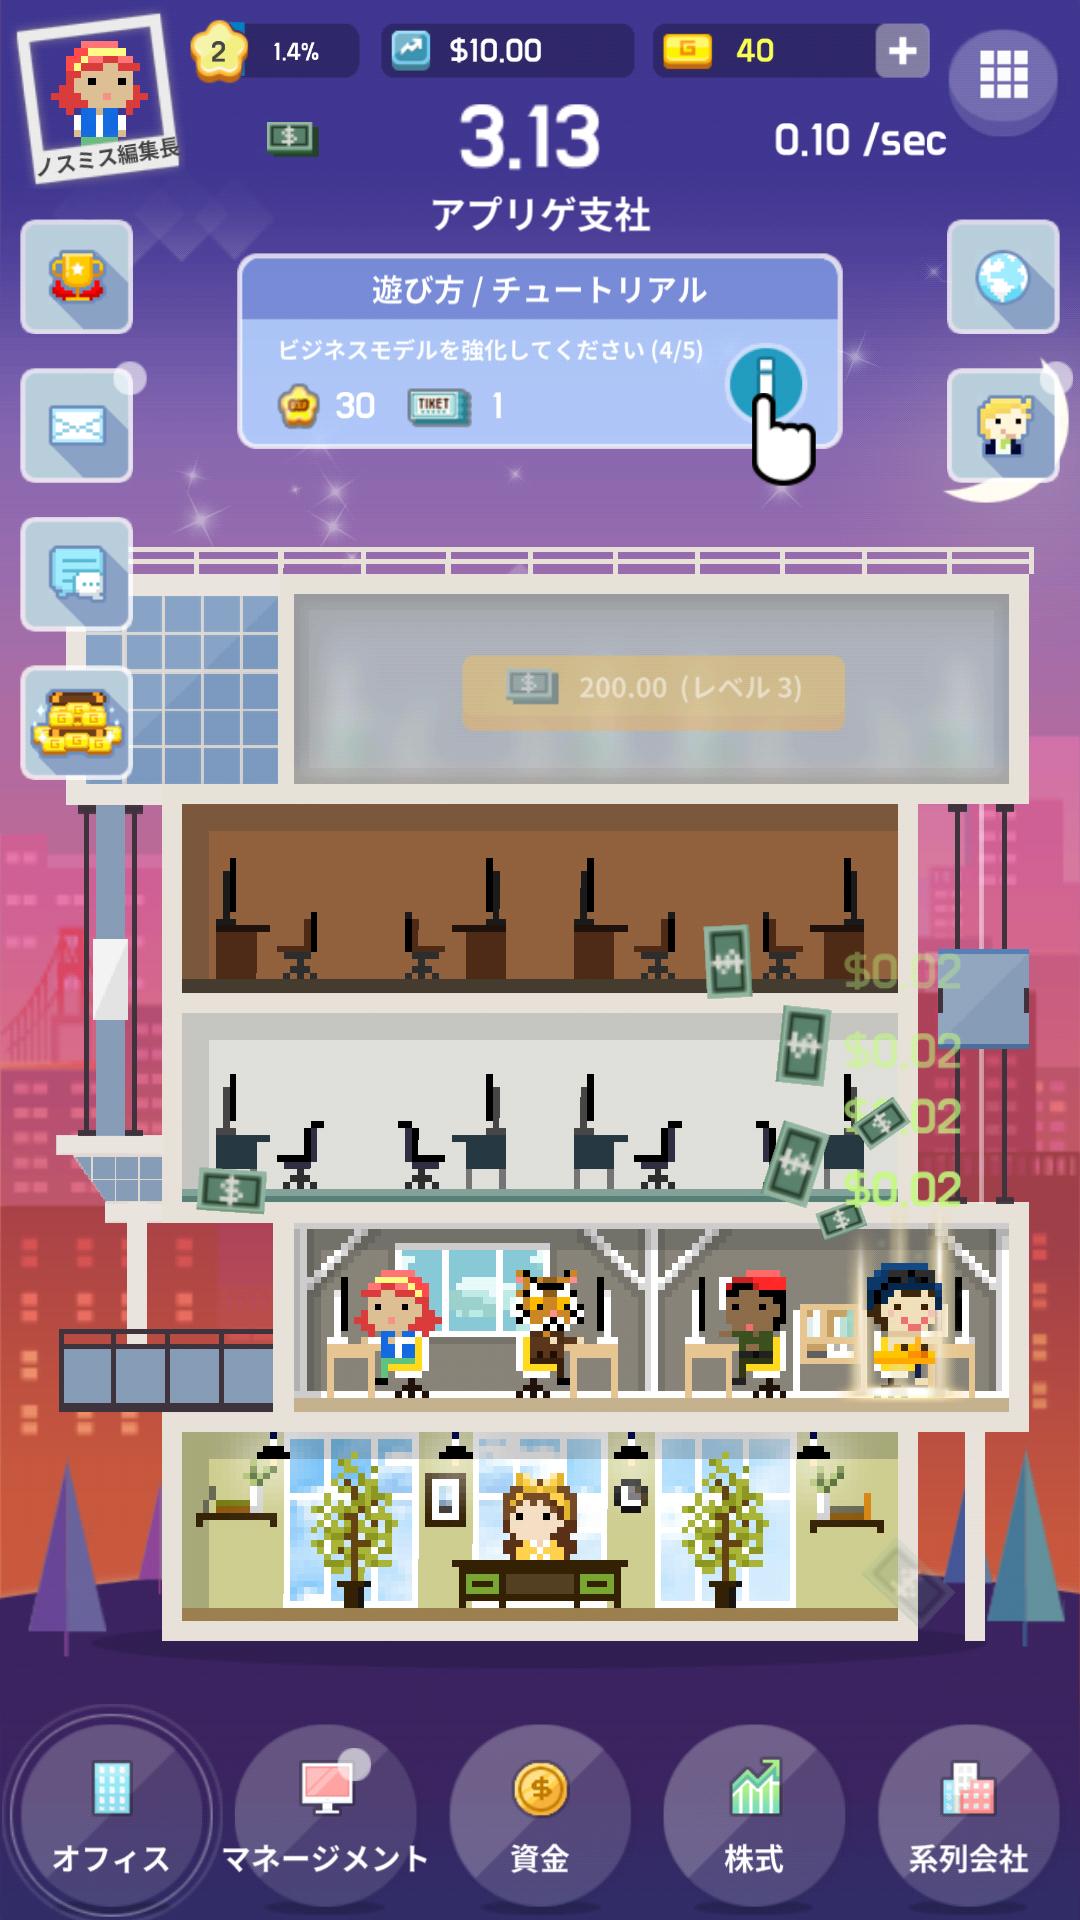 androidアプリ シリコンバレー : ビリオネラー攻略スクリーンショット3